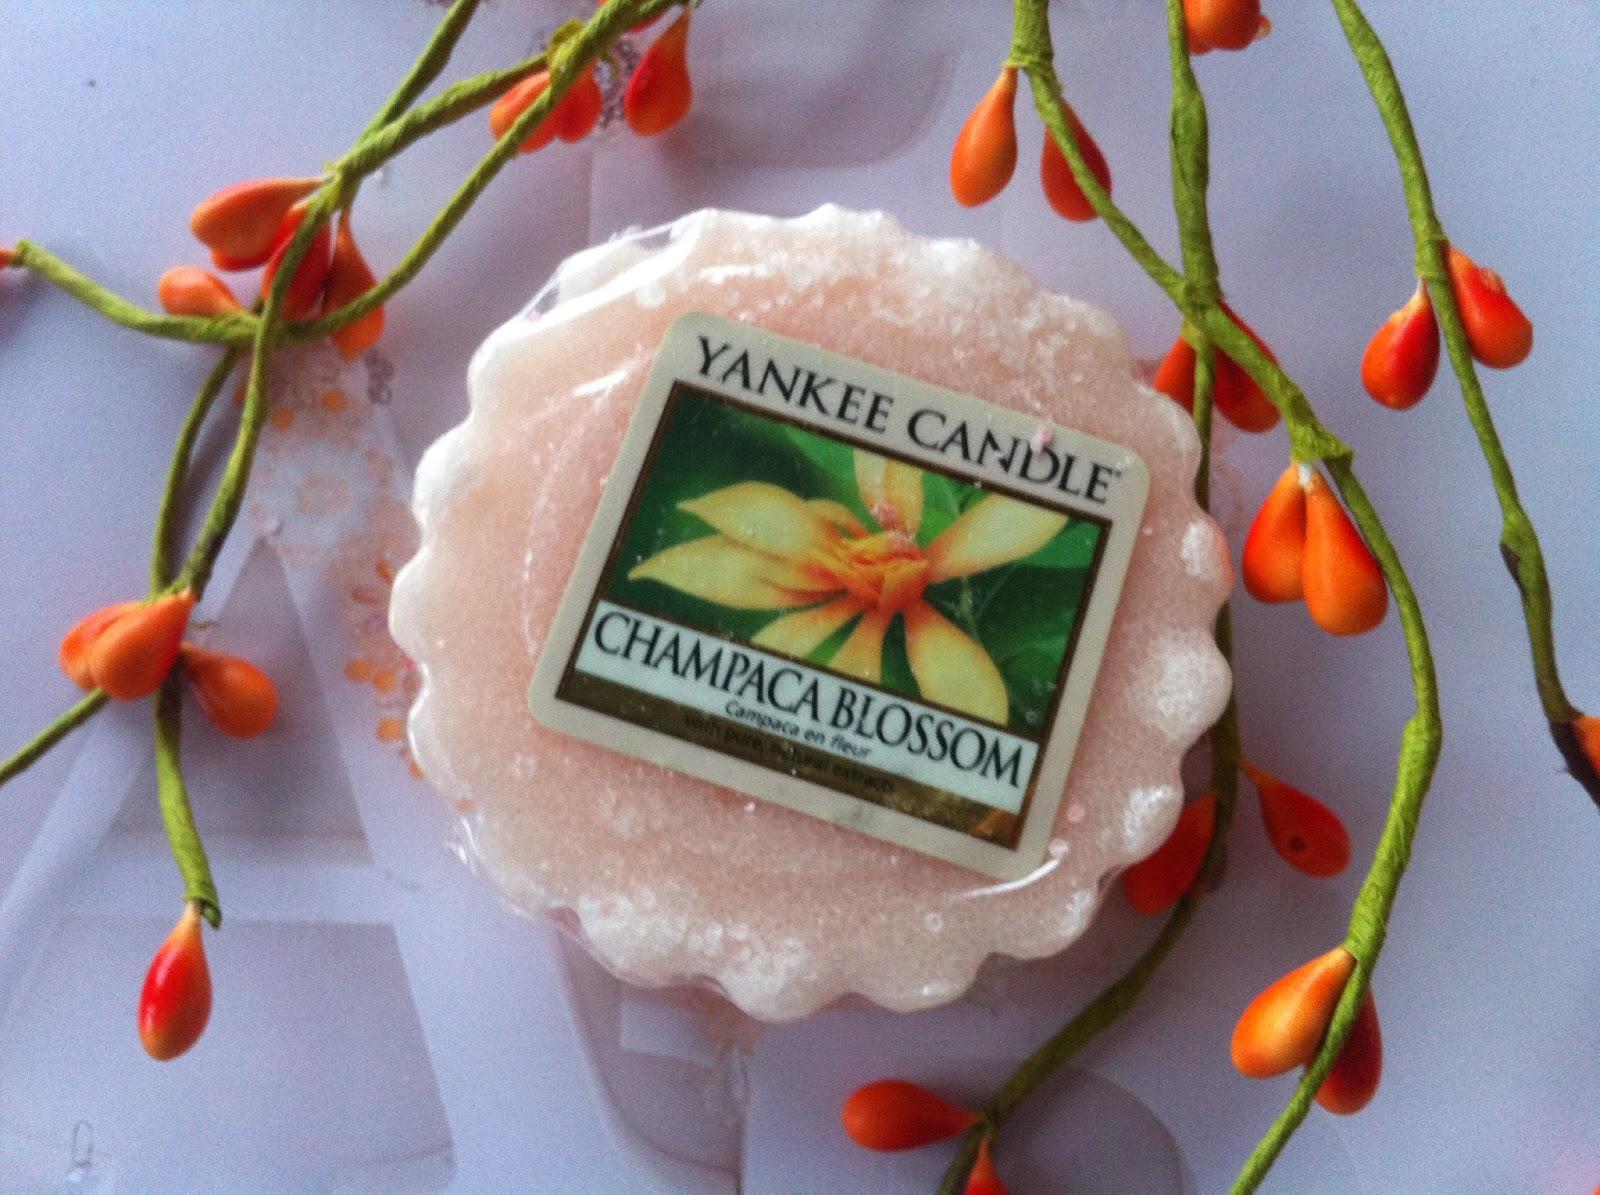 Champaca Blossom Yanke Candle